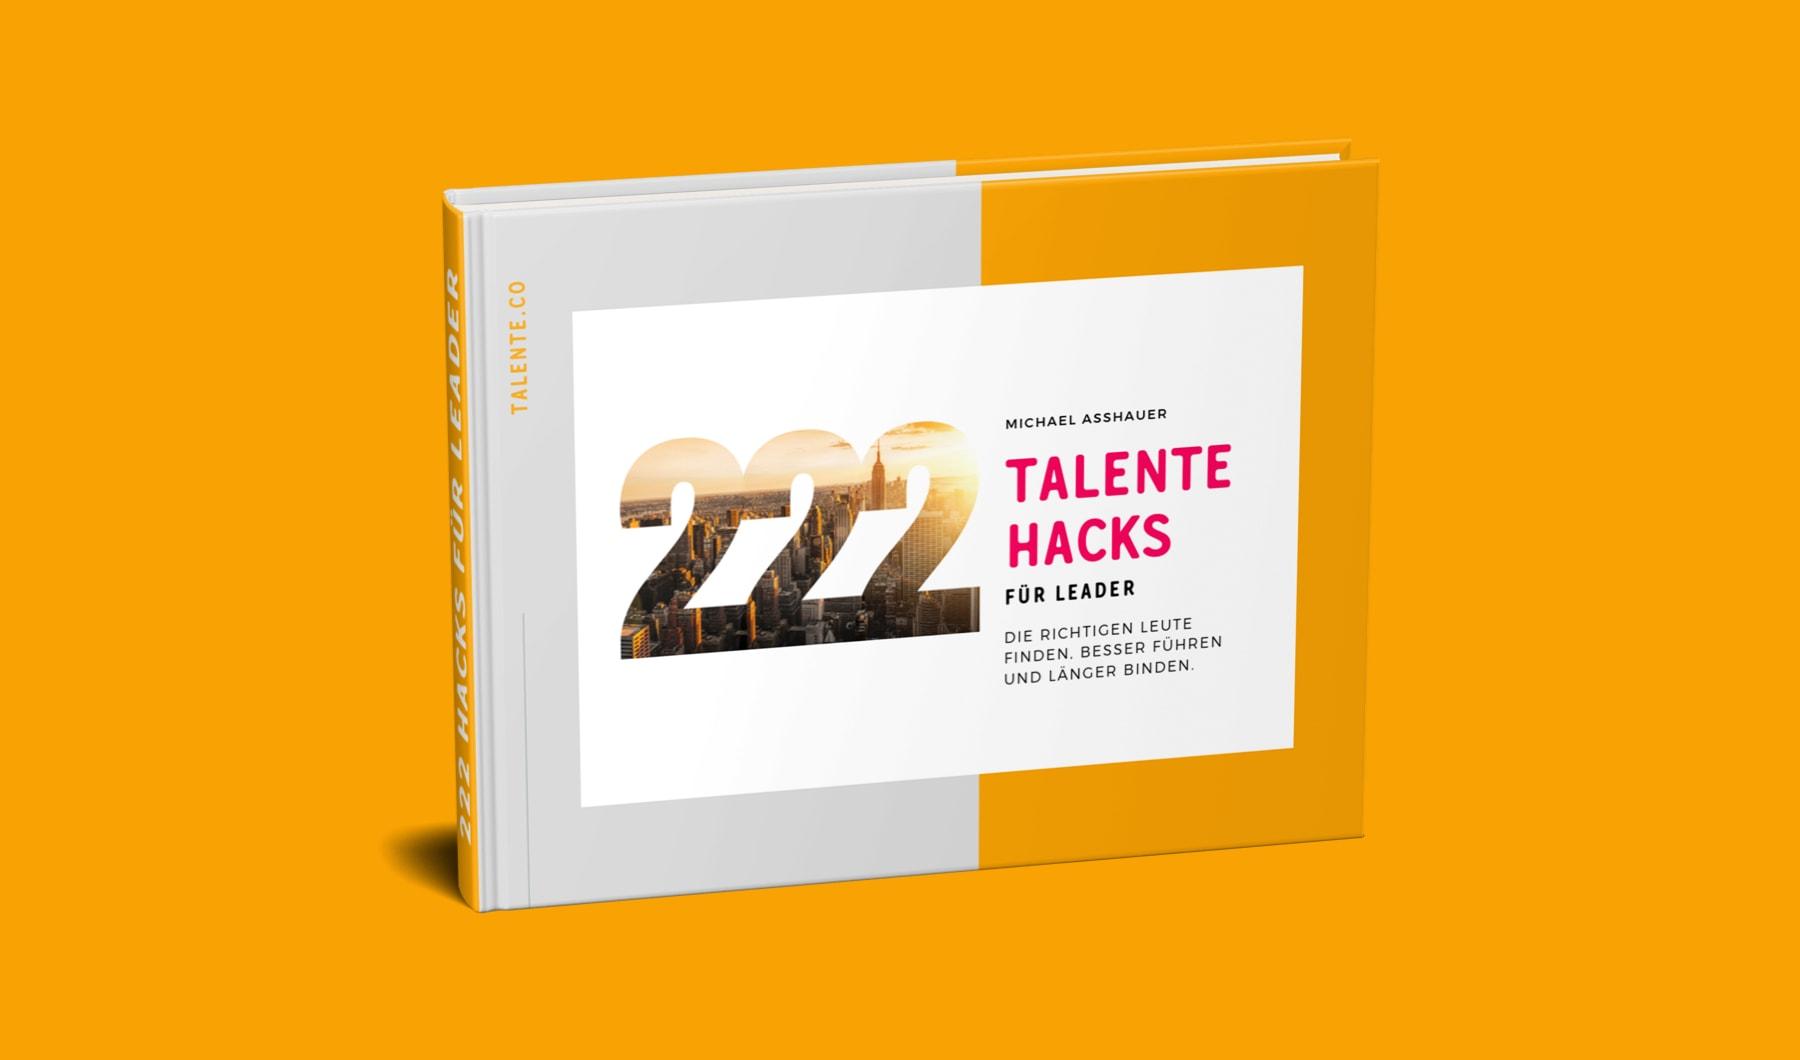 Employer Branding Unternehmer Fuehrungskraefte Talente 222 Hacks